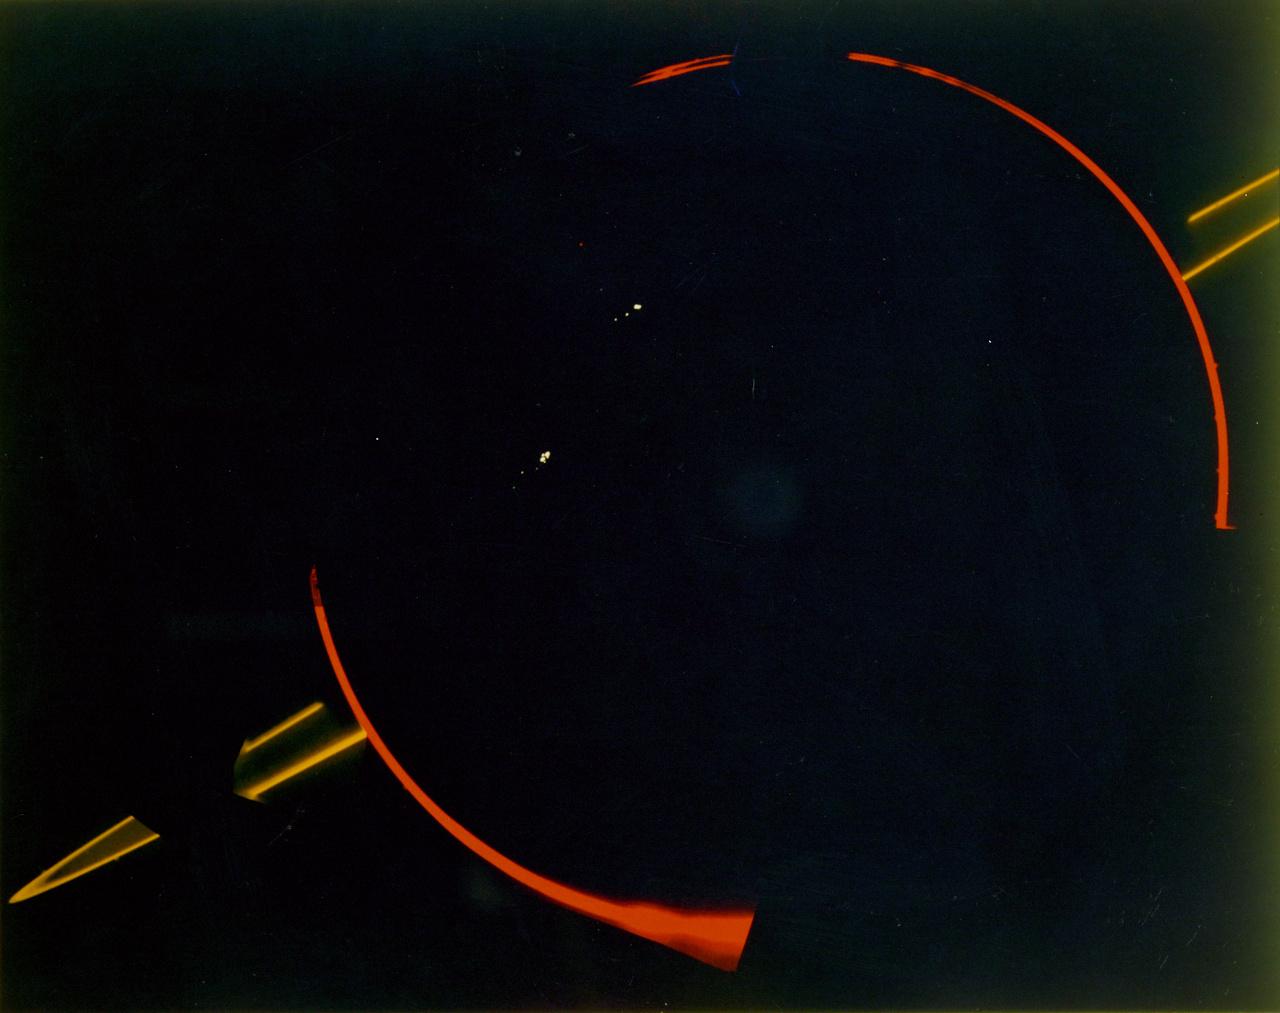 1979. augusztus 3. A Voyager 2 narancs- és ibolyaszín szűrők segítségével készült ellenfényes fotója megmutatta, hogy a Jupiternek is van nagyon halvány gyűrűrendszere.